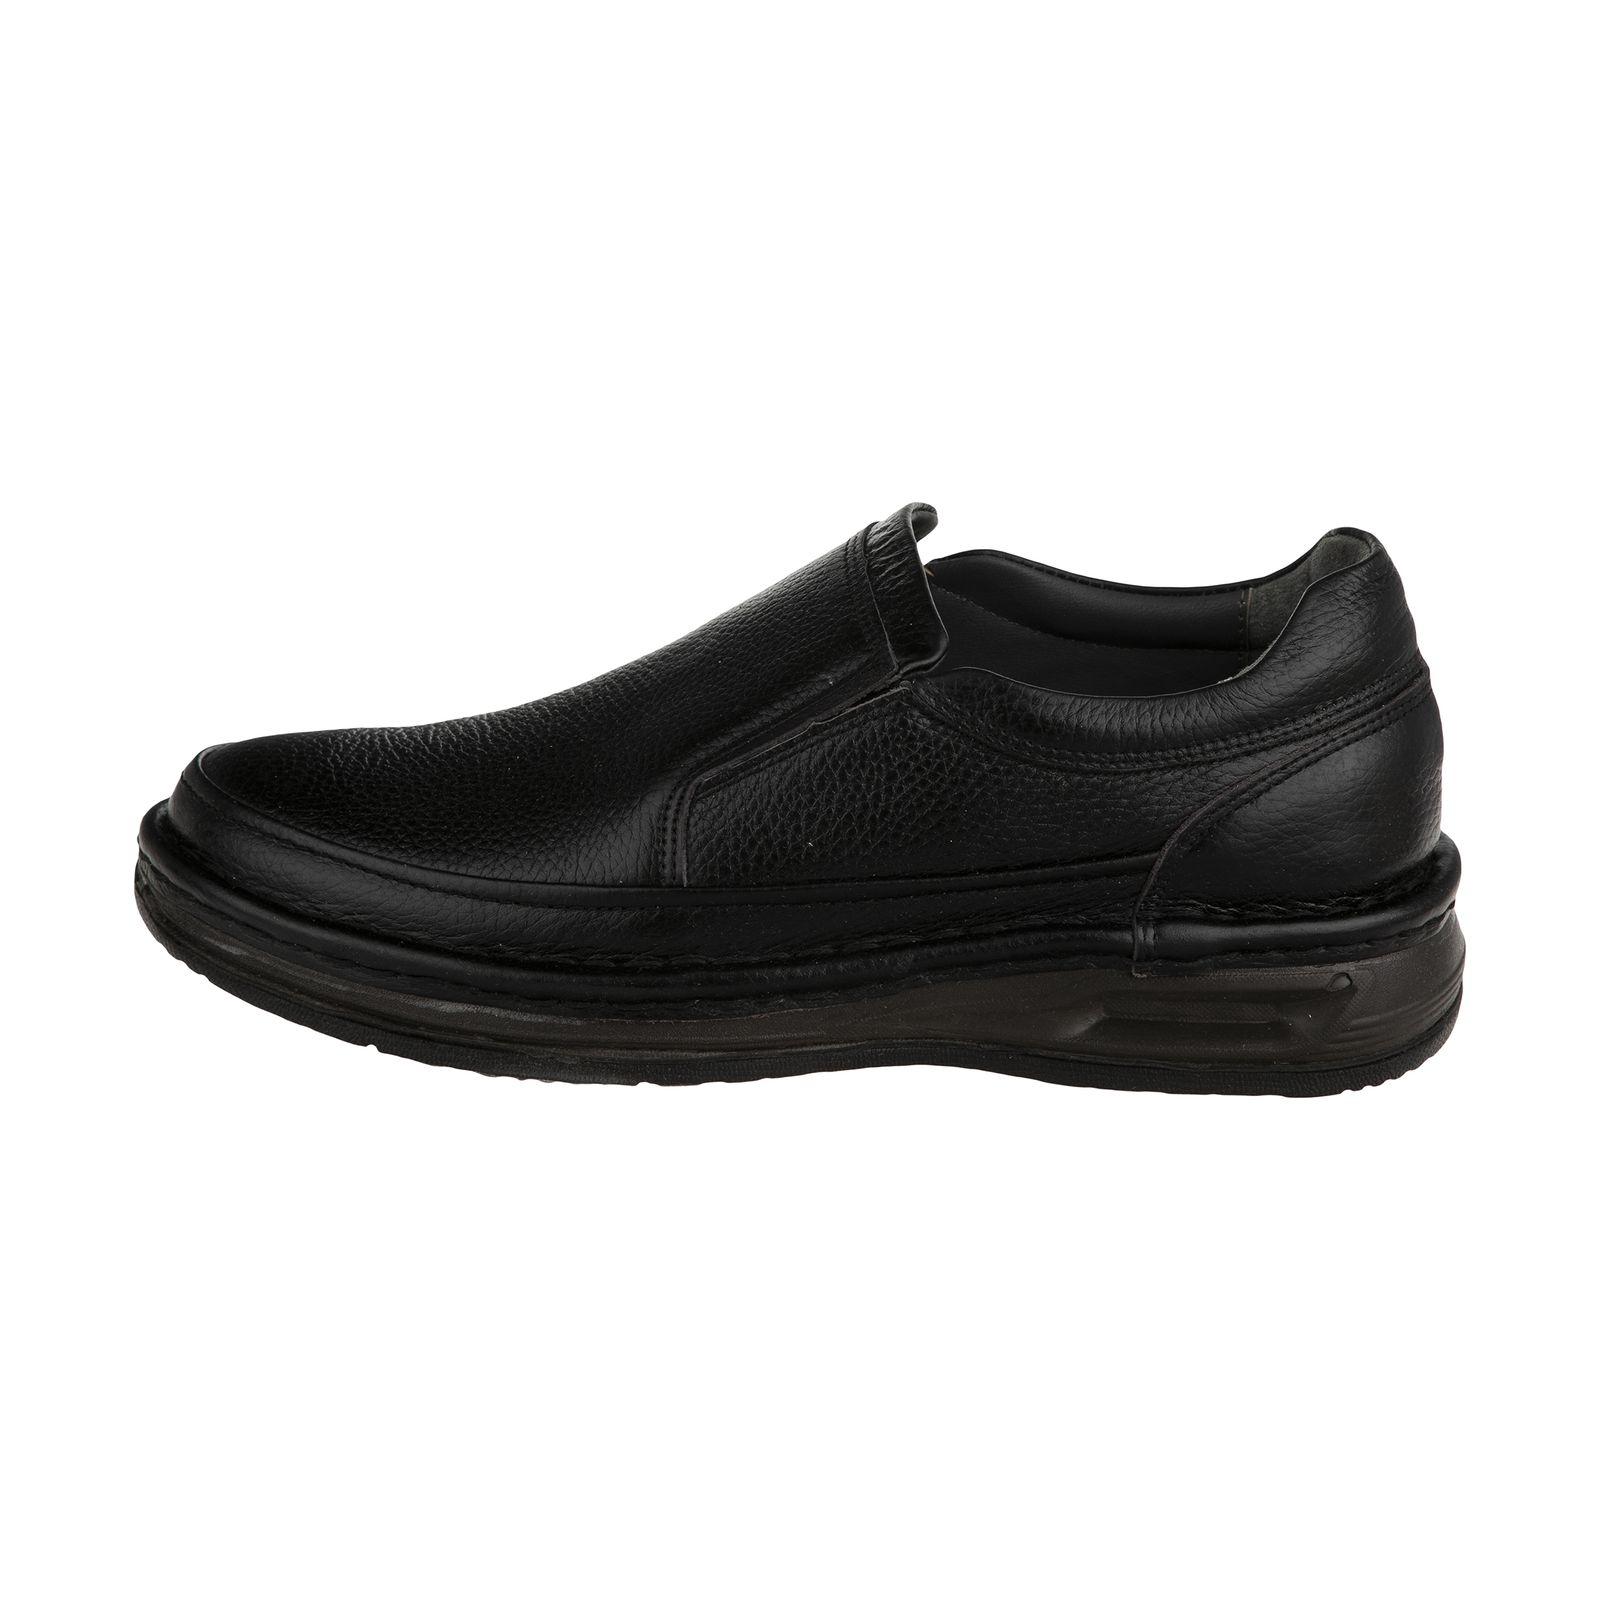 کفش روزمره مردانه بلوط مدل 7292A503101 -  - 2